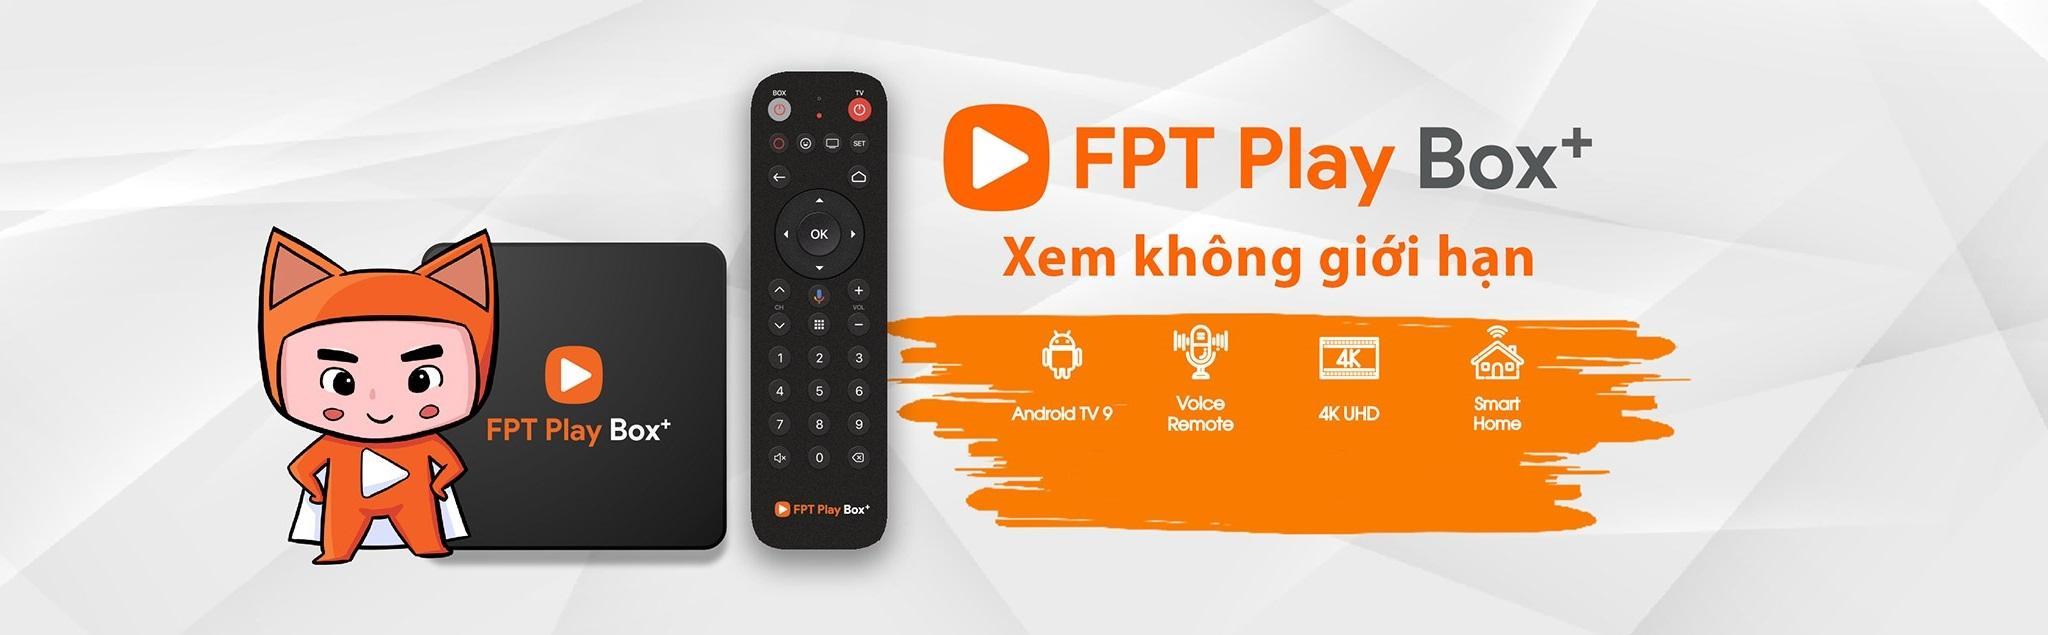 danh sách truyền hình fpt play box